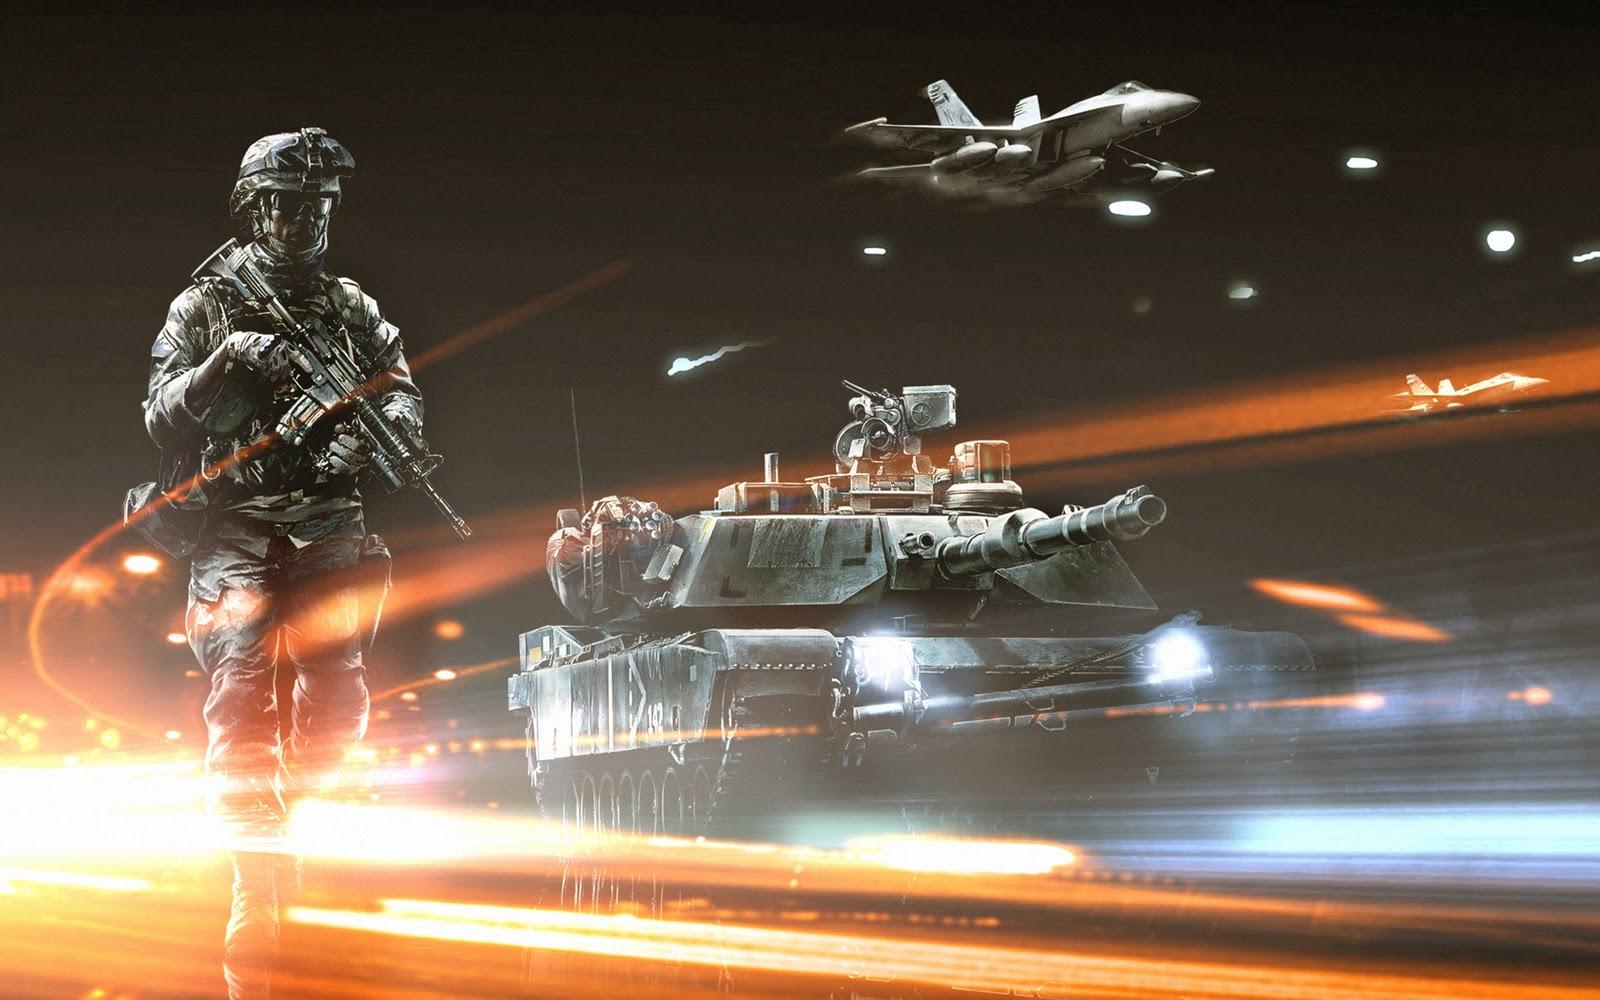 http://3.bp.blogspot.com/-WKSYVKitKDA/TruVpQ-SXLI/AAAAAAAABuM/x9hBI9fFFiE/s1600/battlefield-3-game-wallpaper+%25284%2529.jpg